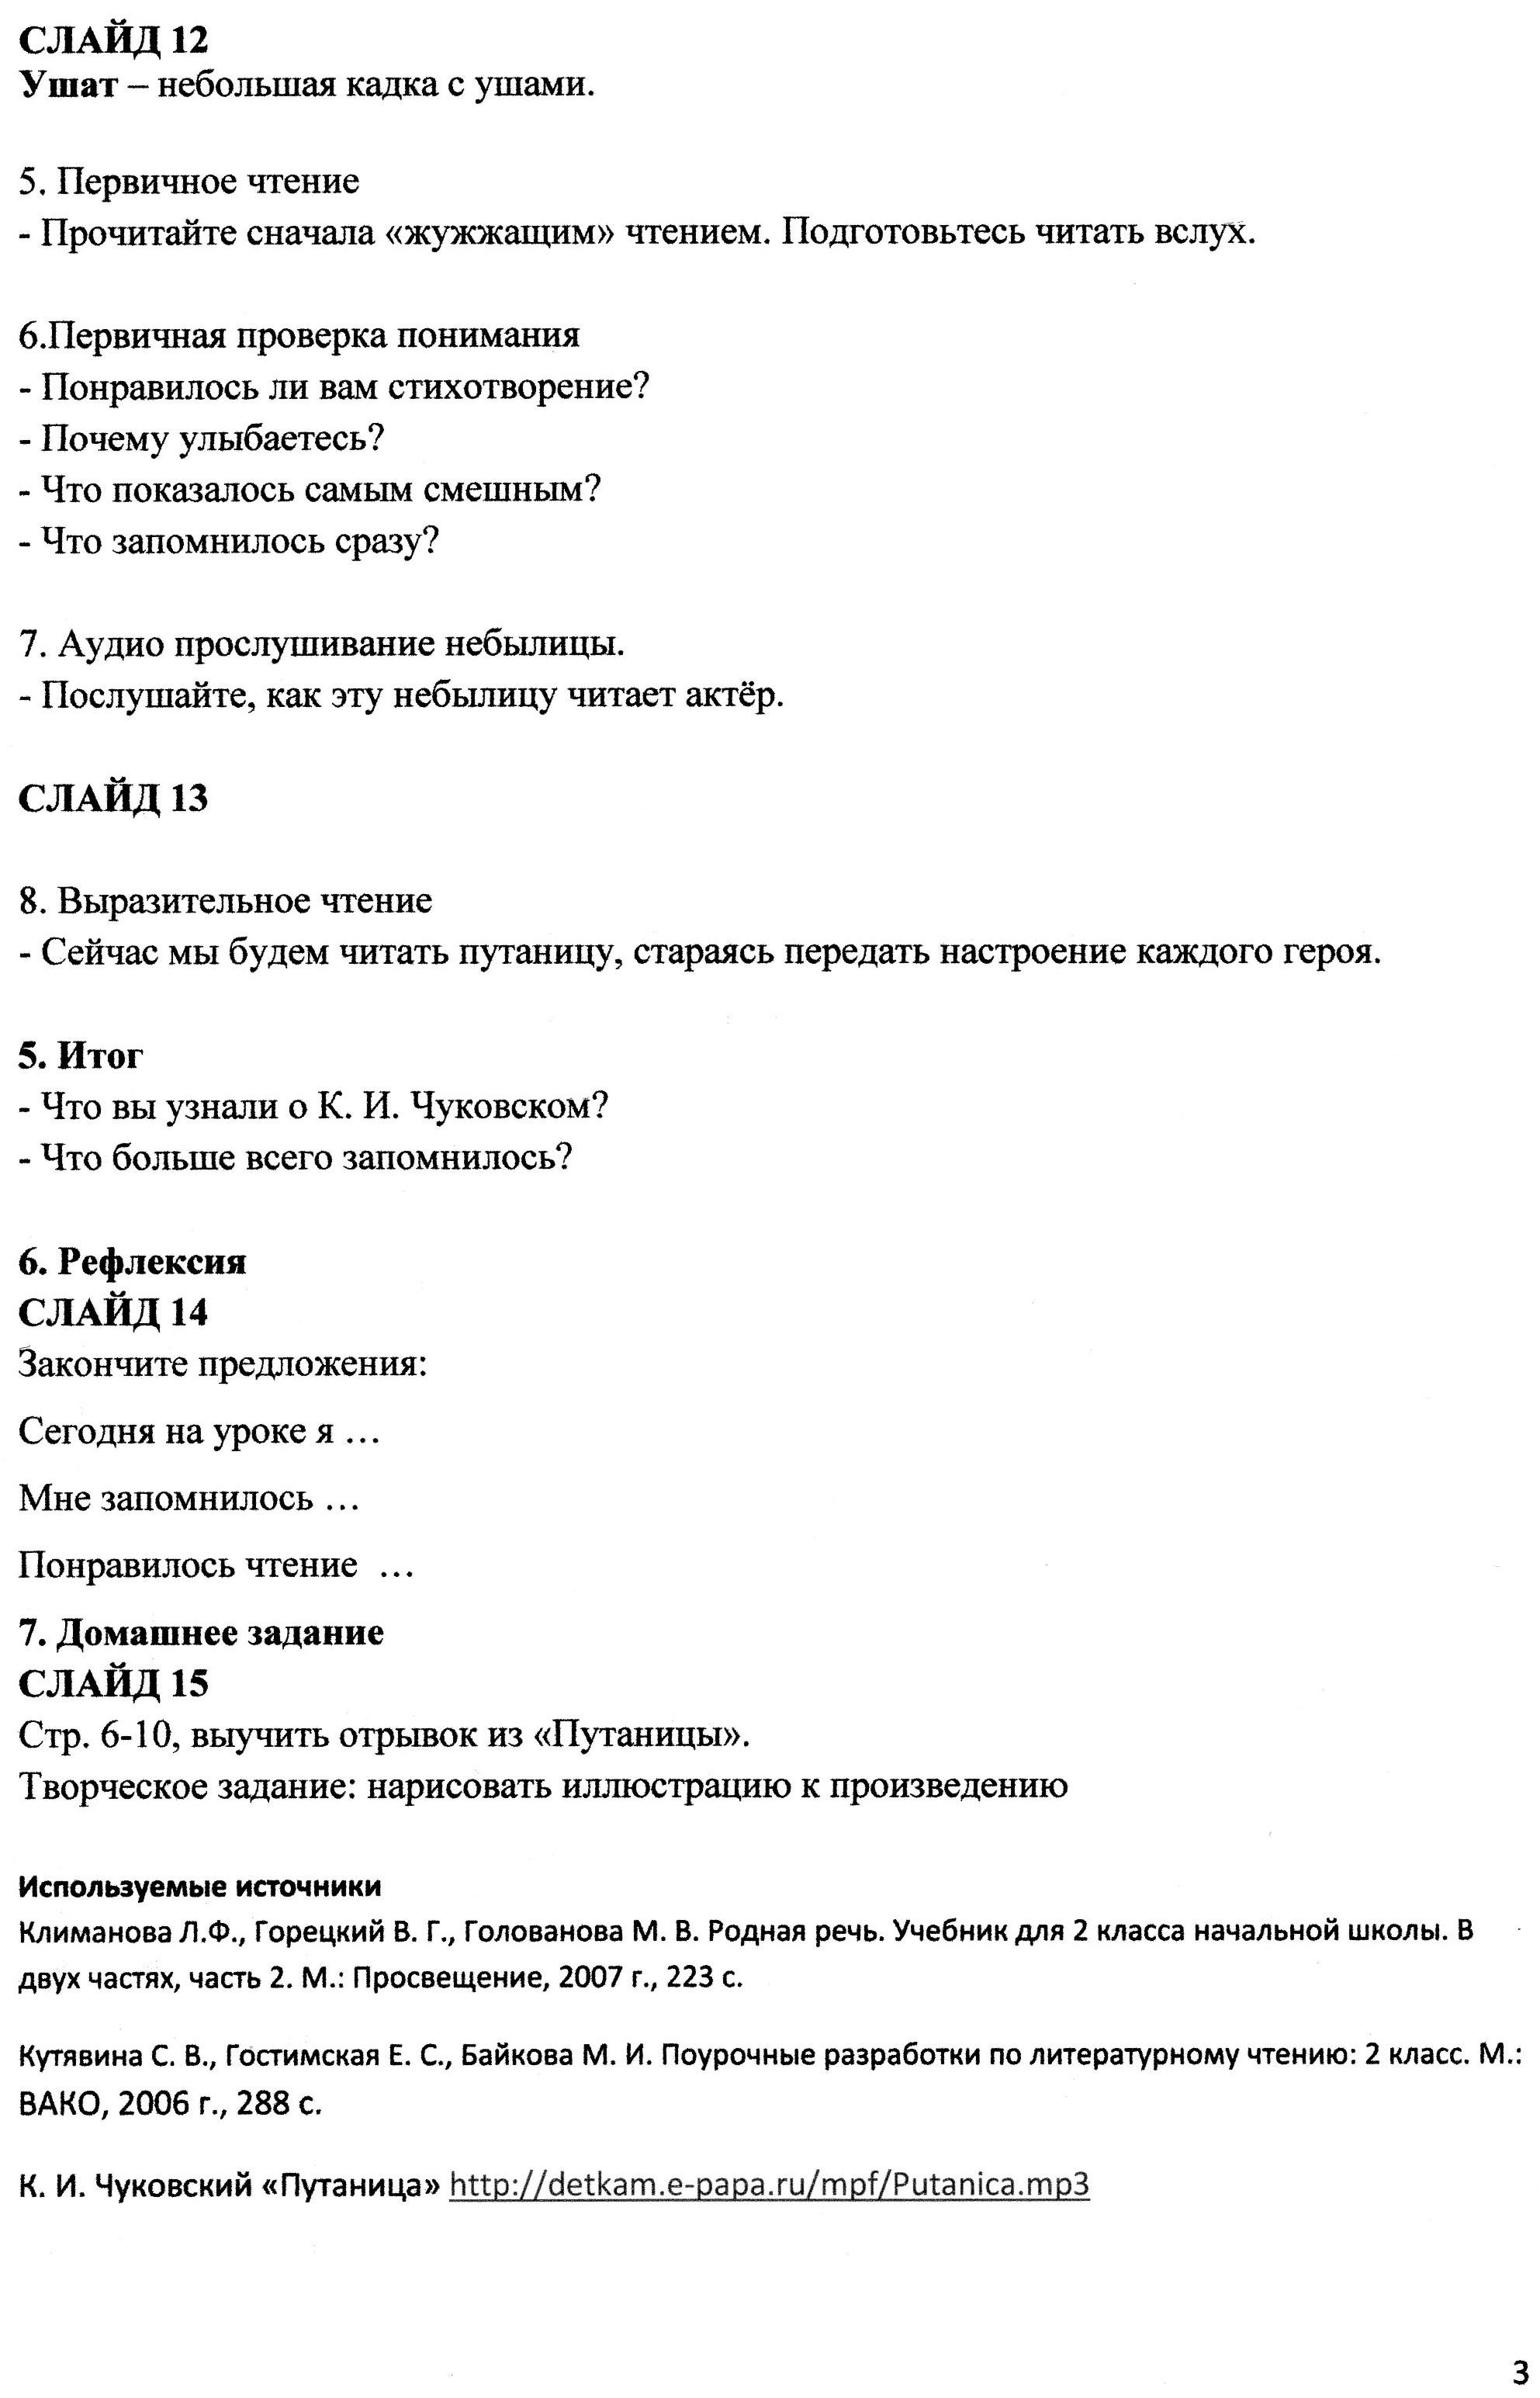 D:\курсы повышения квалификации\Галина\img219.jpg